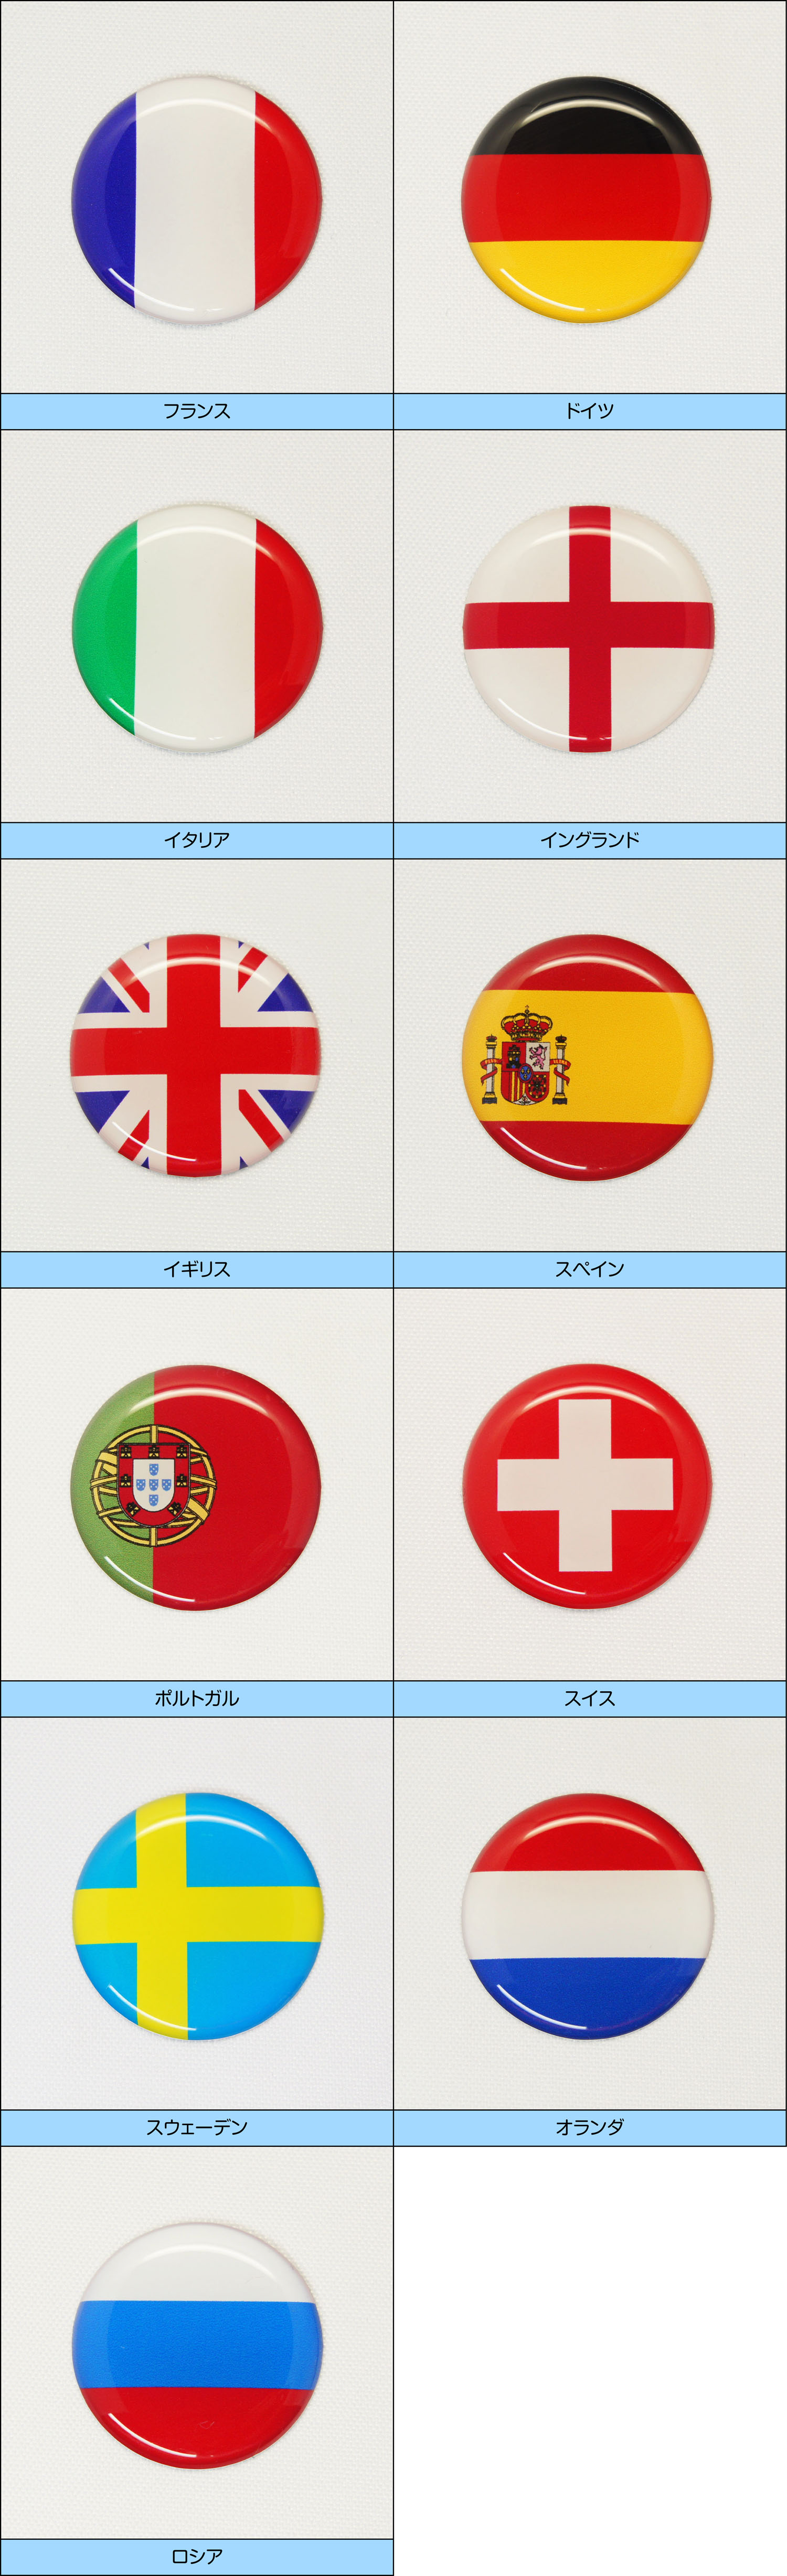 世界の国旗ゴルフマーカー ヨーロッパ地区 一覧